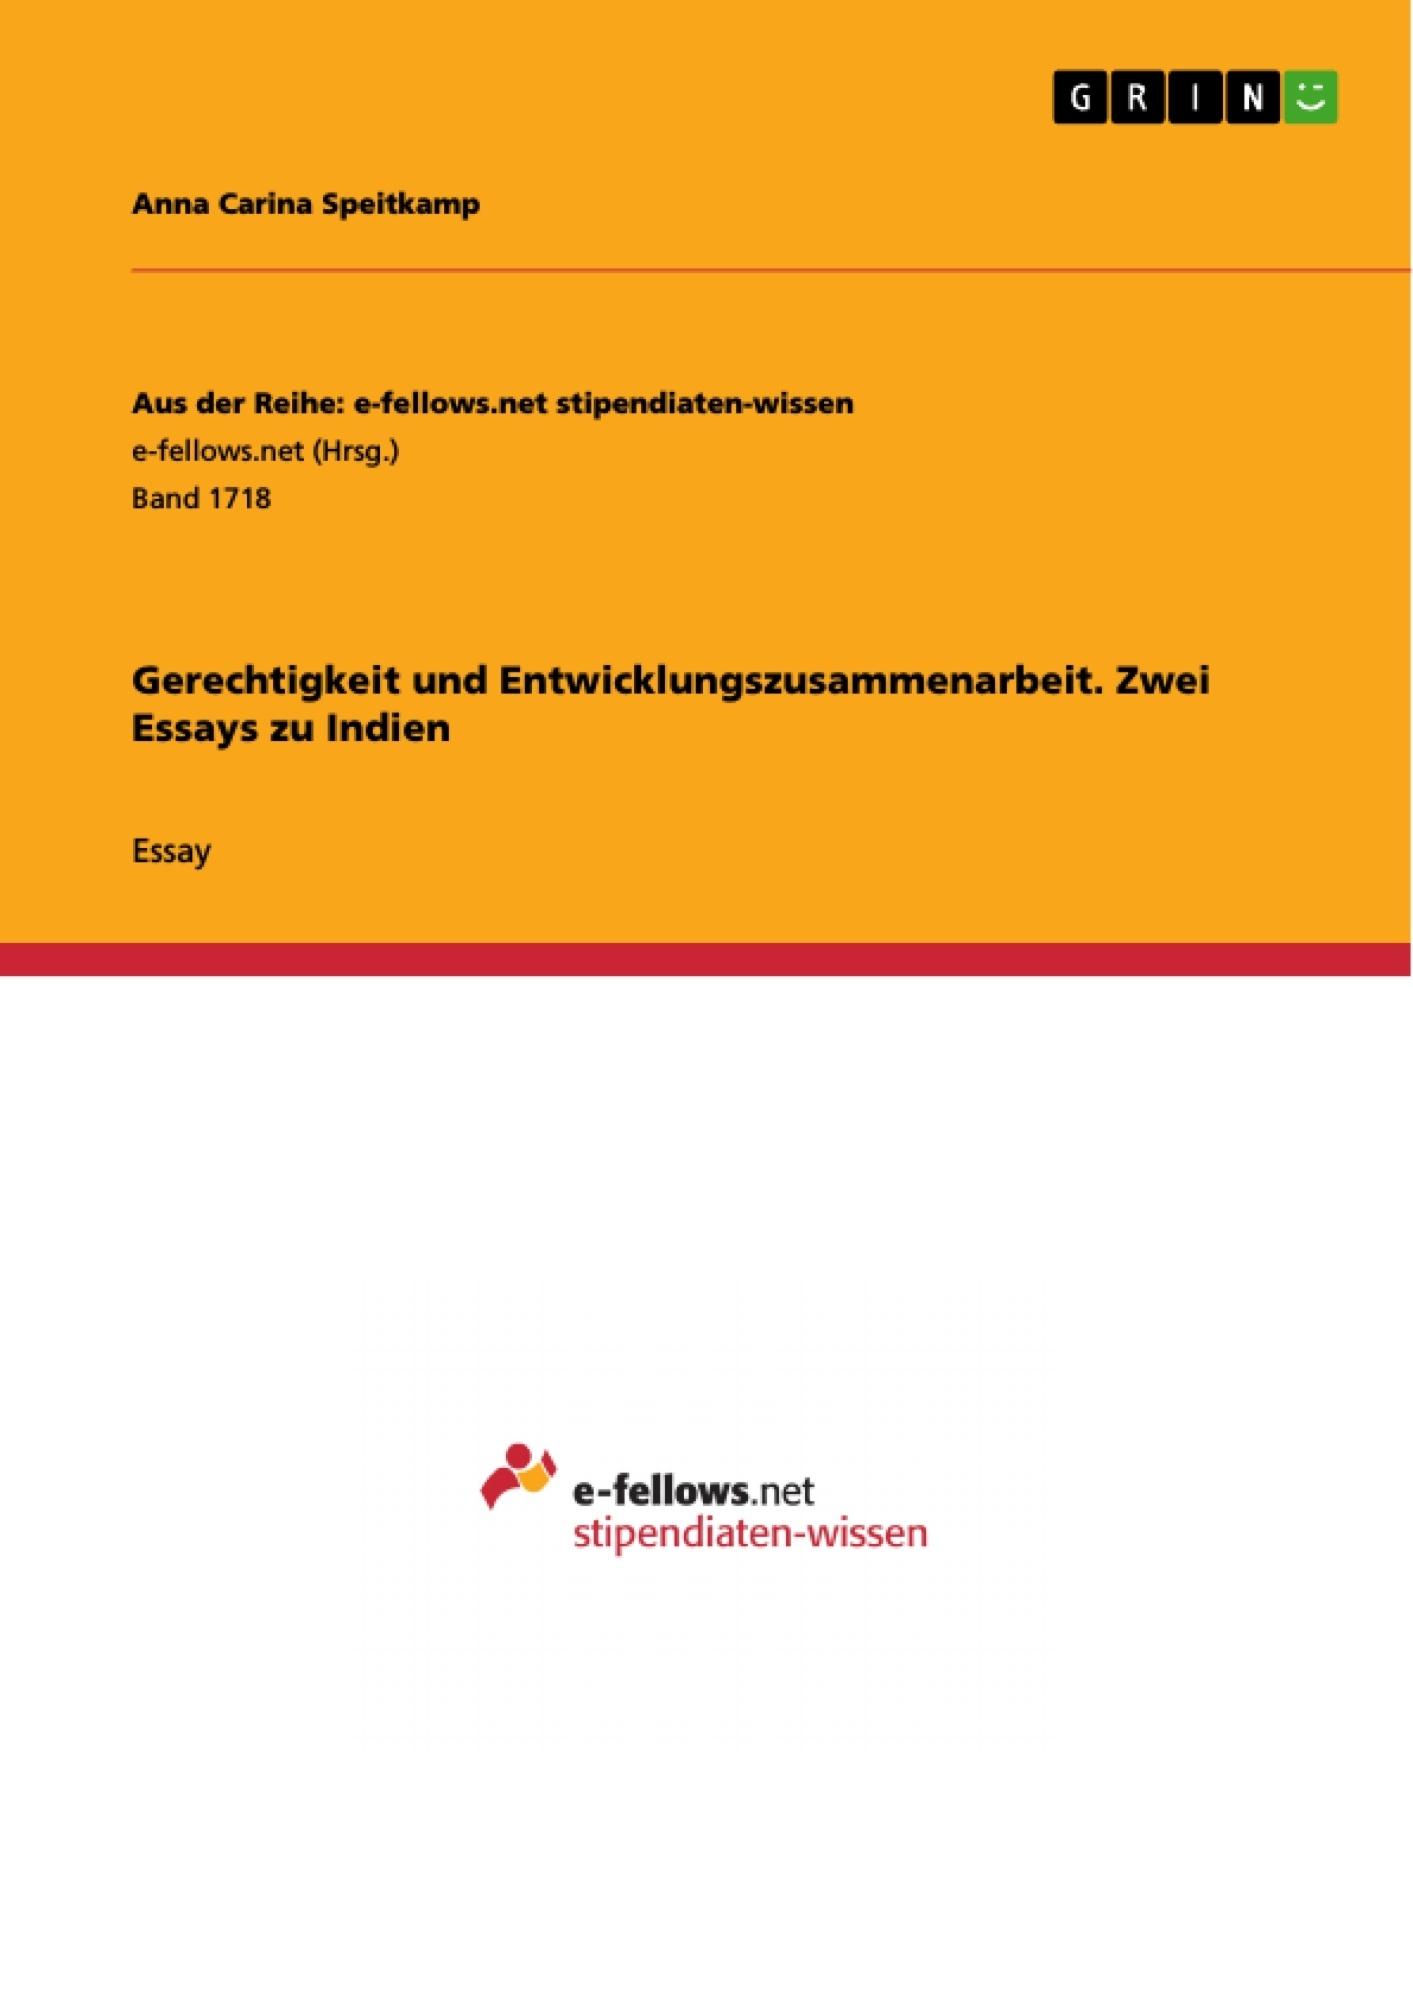 Titel: Gerechtigkeit und Entwicklungszusammenarbeit. Zwei Essays zu Indien